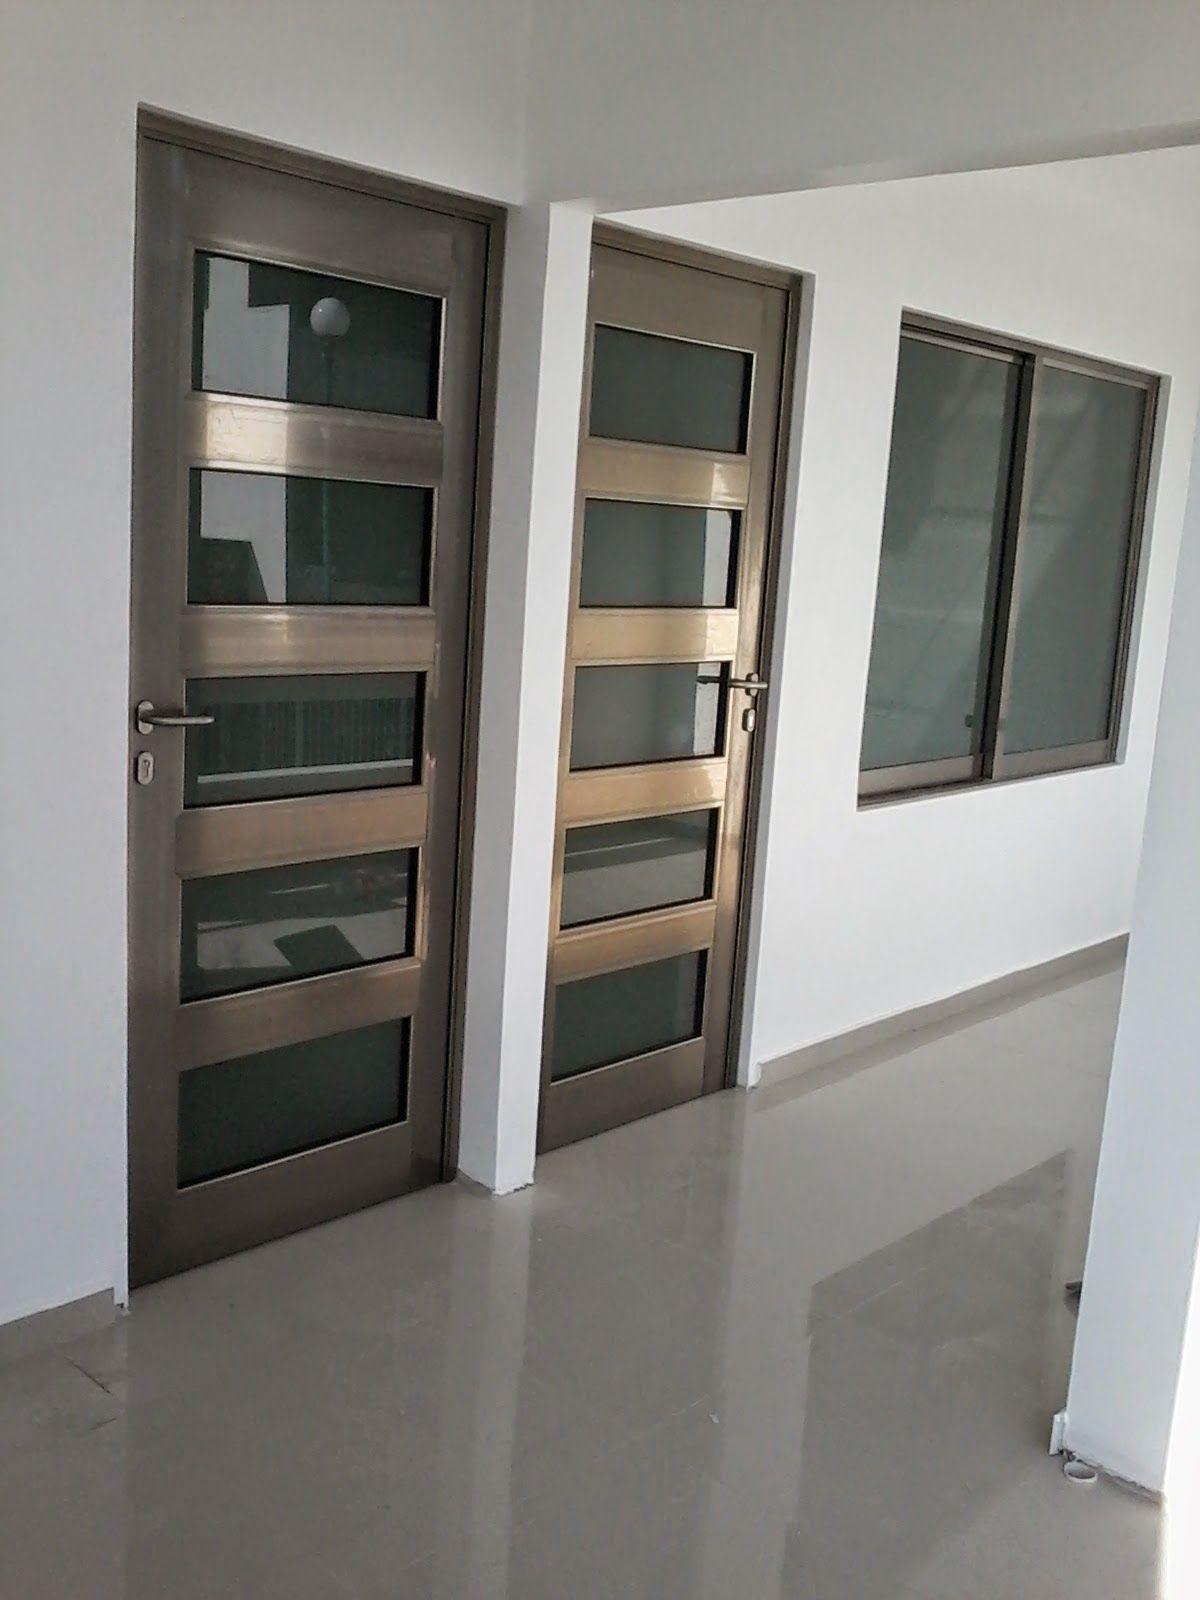 Imagen Relacionada Puertas Aluminio Pinterest Puertas  ~ Puertas De Exterior De Aluminio Precios